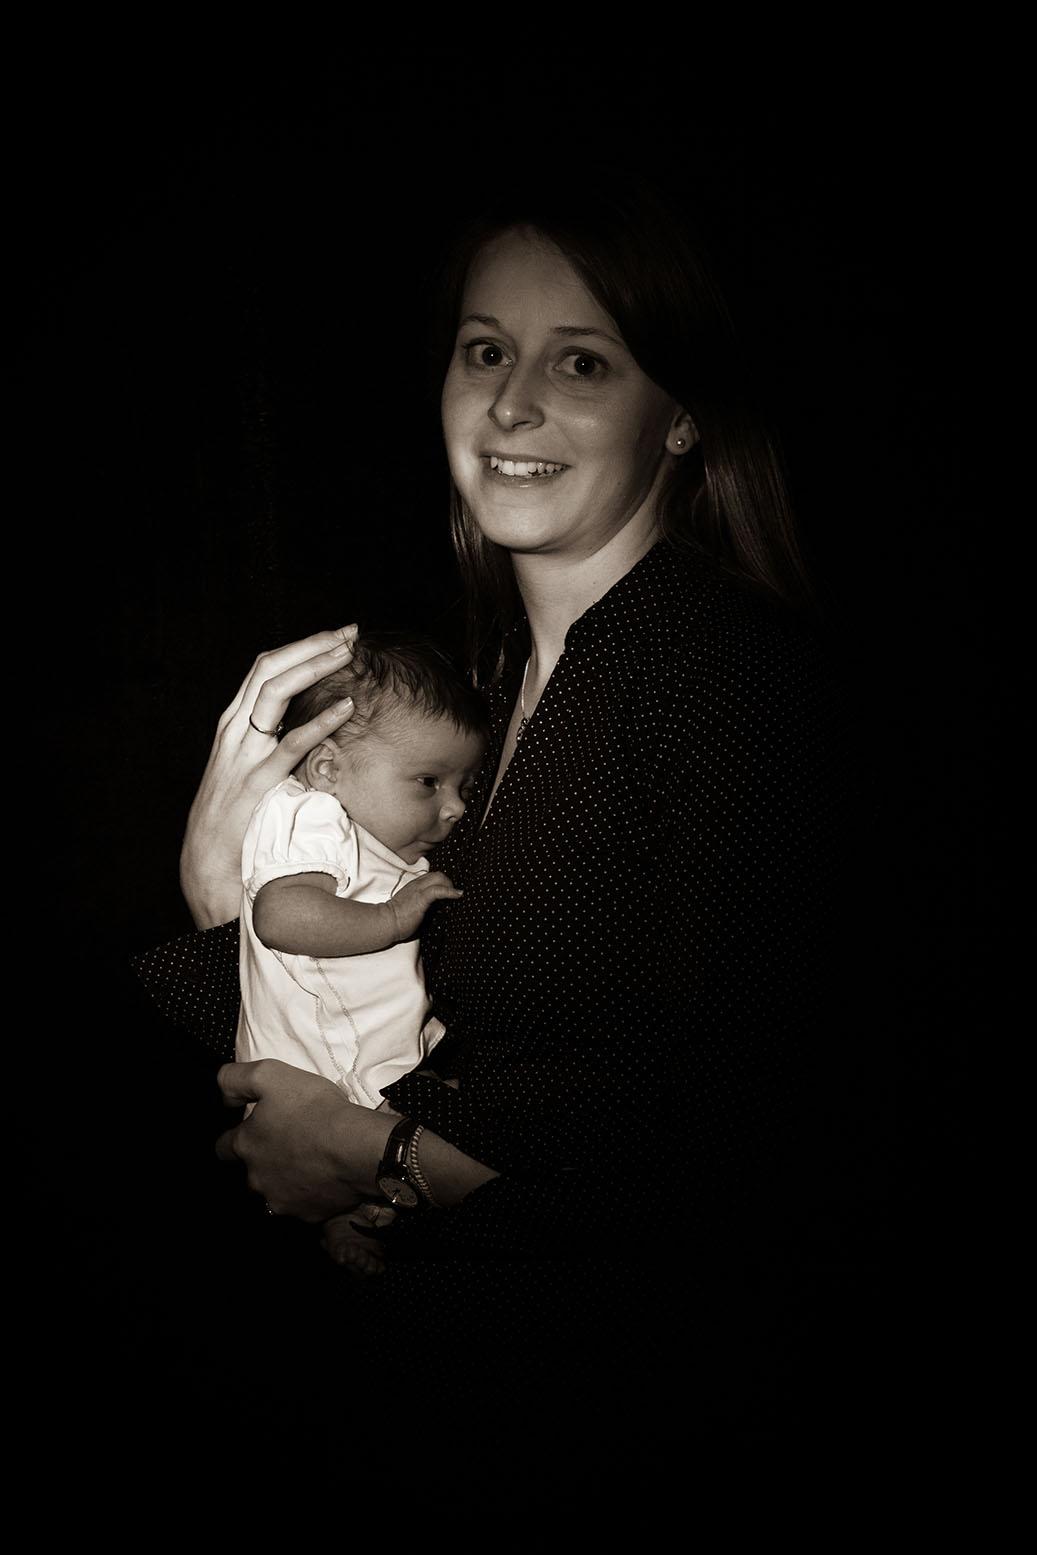 baby fotoshoot apeldoorn Fe 03